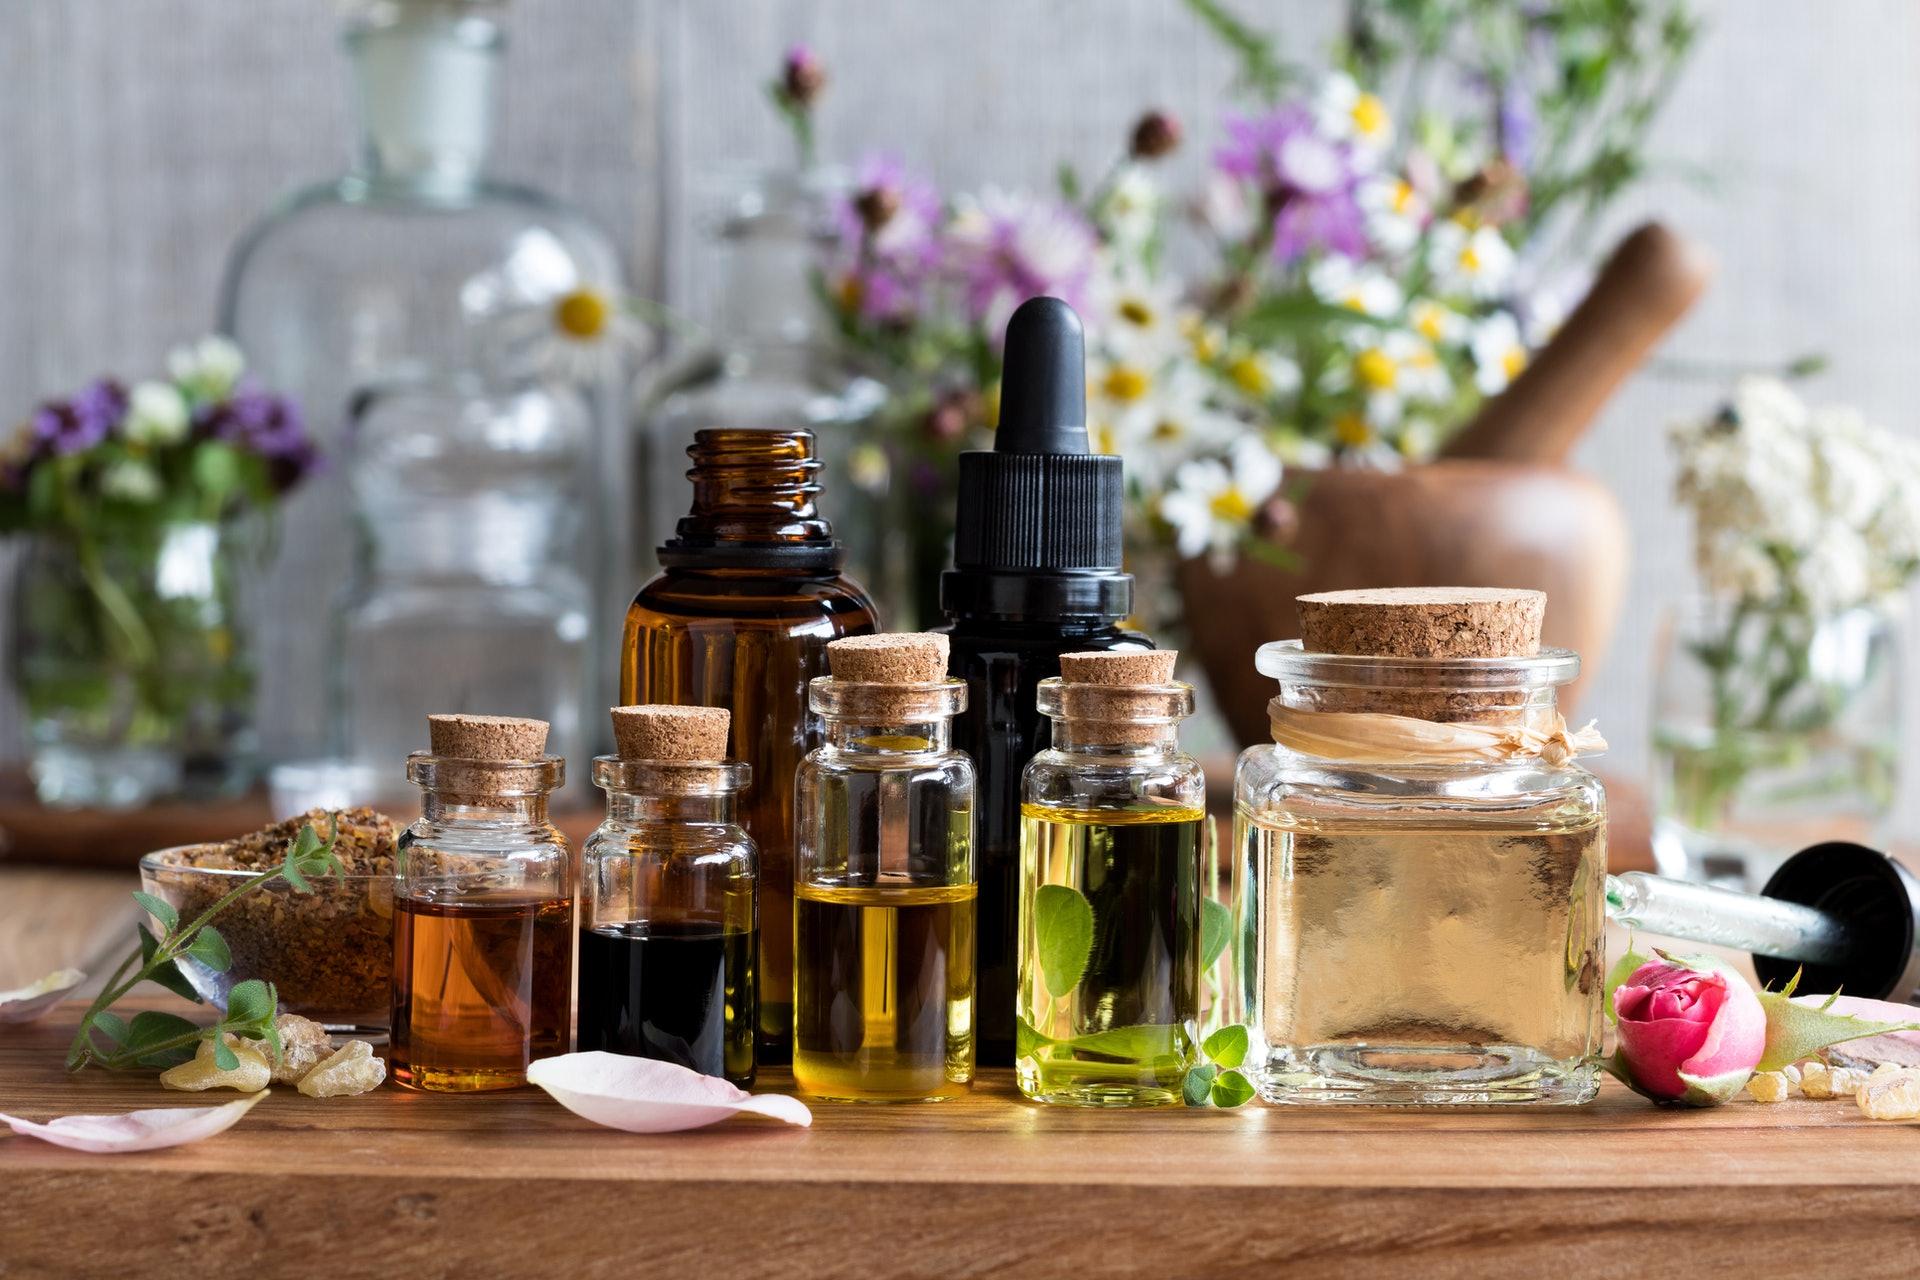 頭療可配合艾灸或精油進行。(圖片:iStock)